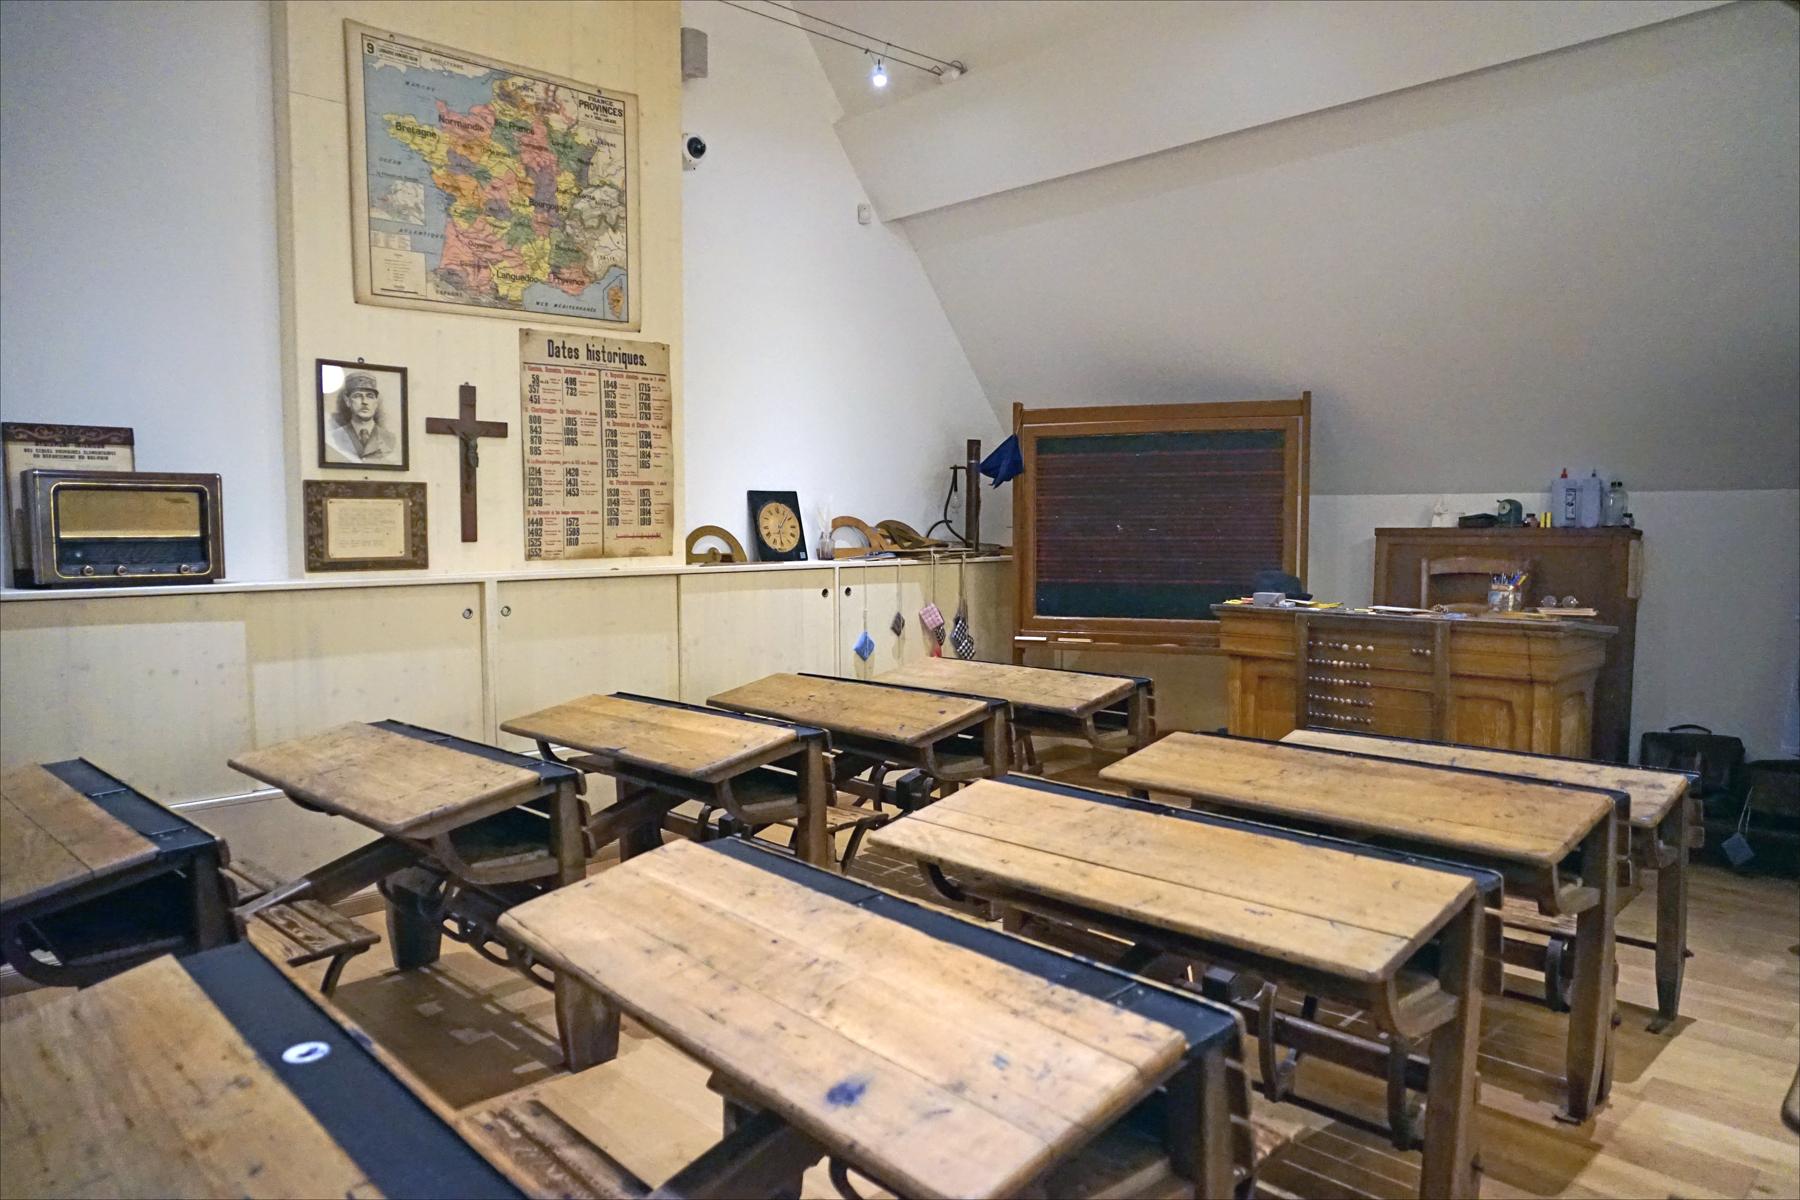 Maison De La Salle file:la salle de classe (maison rurale de l'outre-forêt